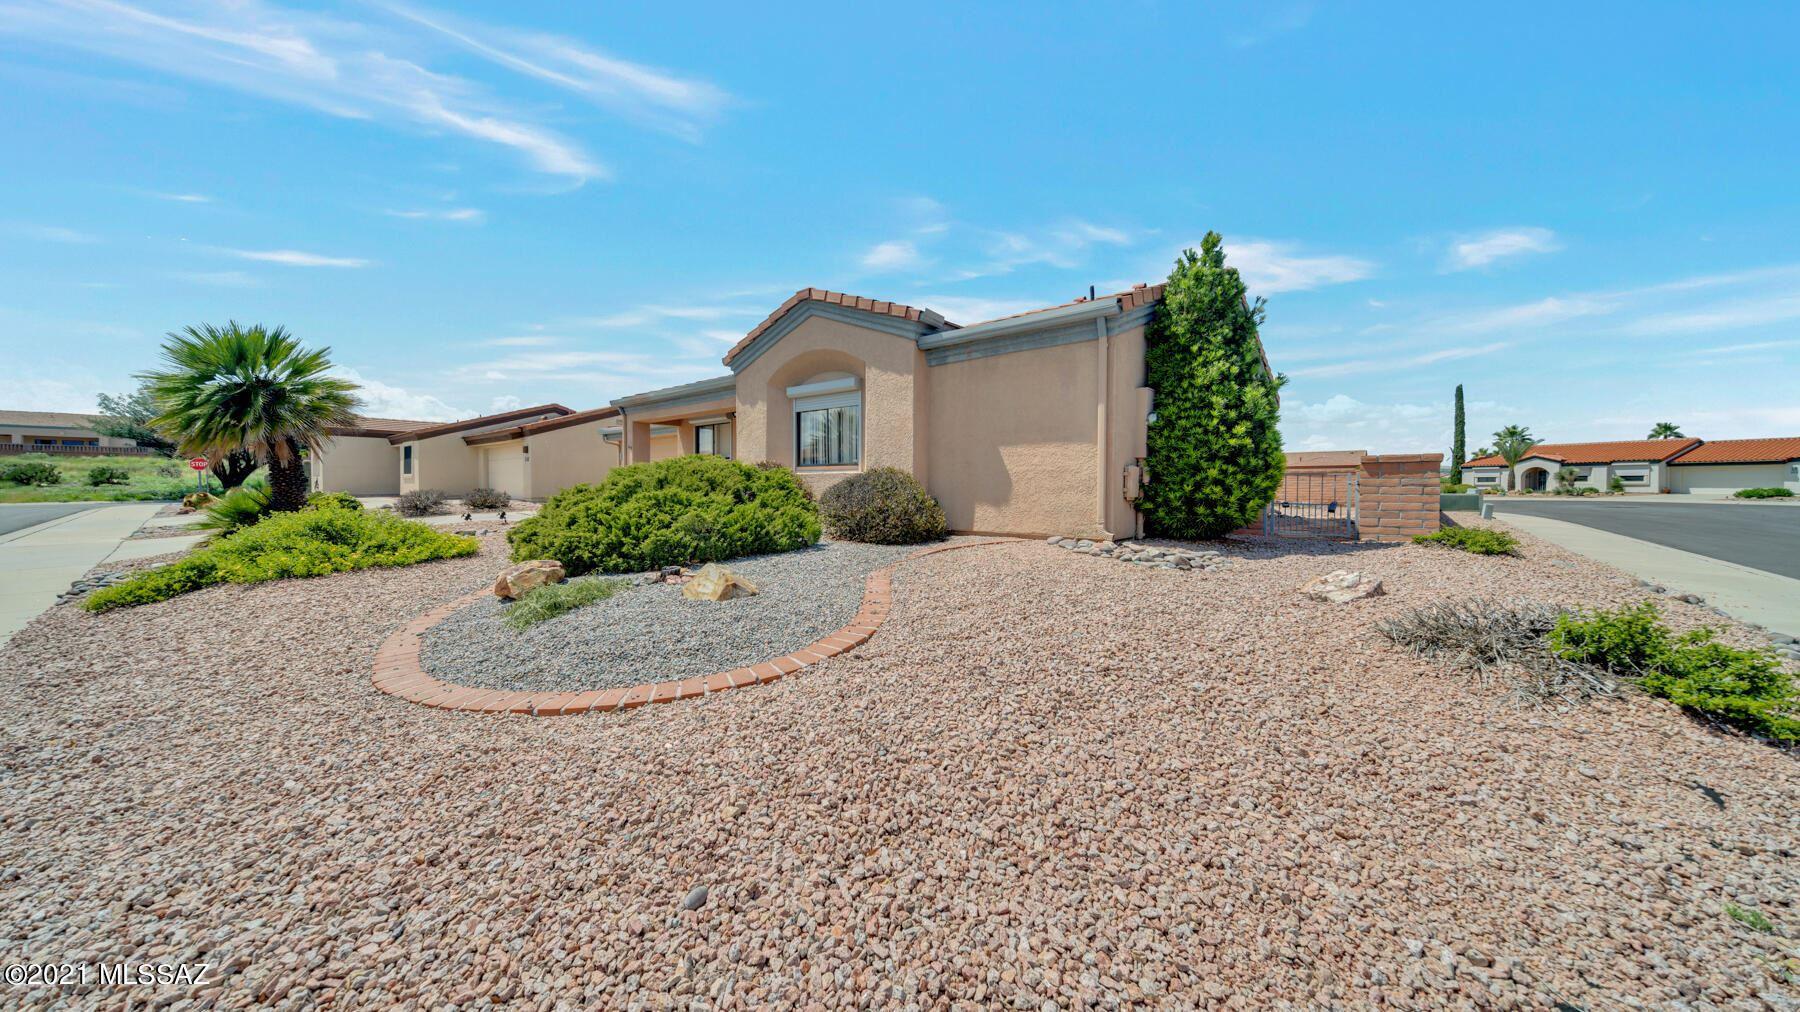 1516 W Hidden Crest Court, Green Valley, AZ 85622 - MLS#: 22121326